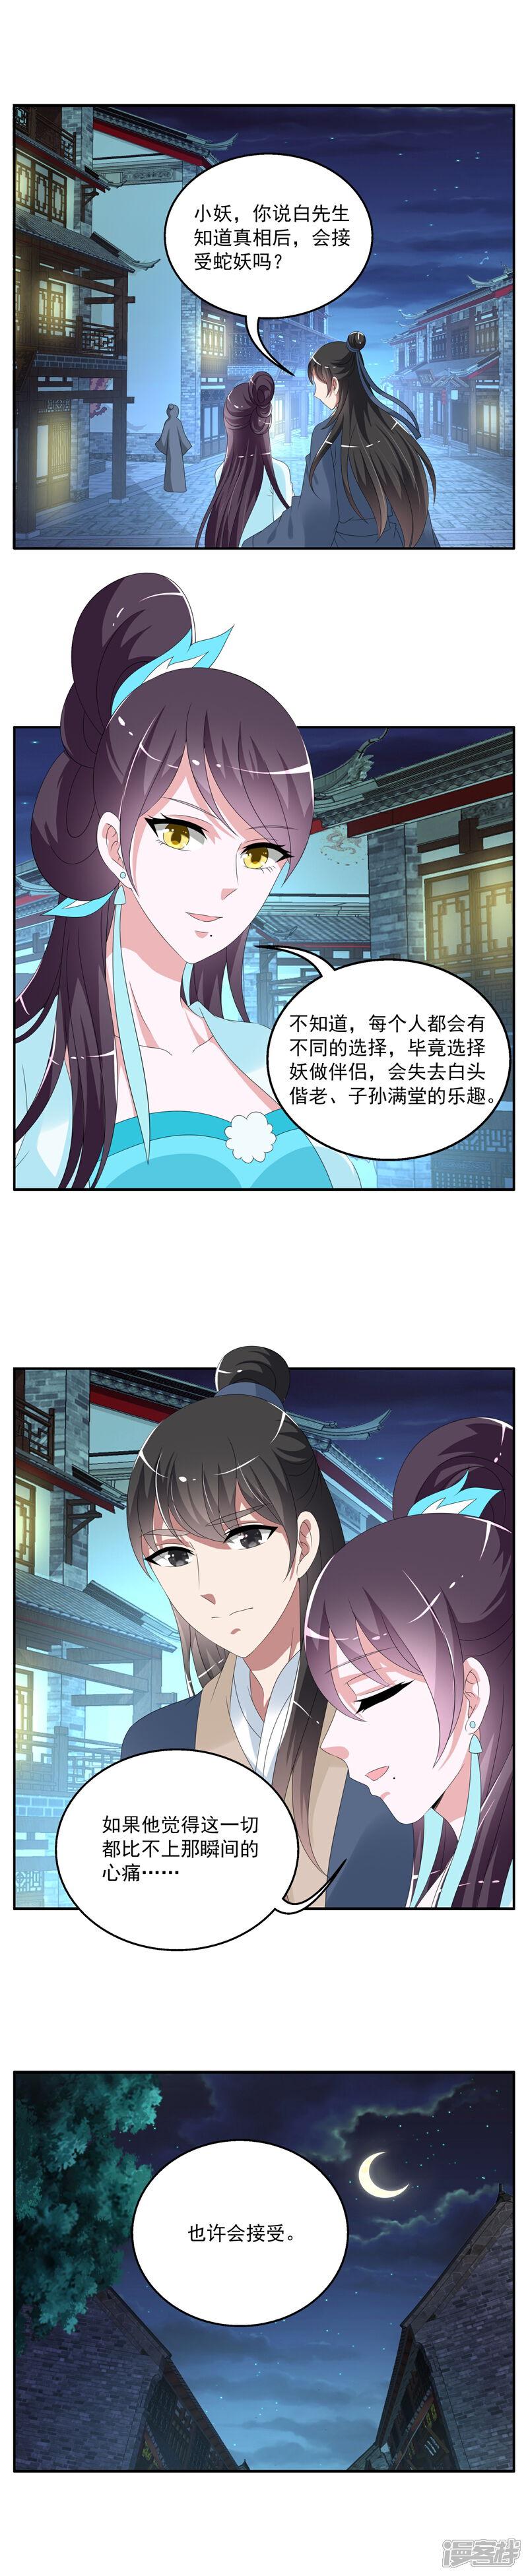 洛小妖144 (2).JPG